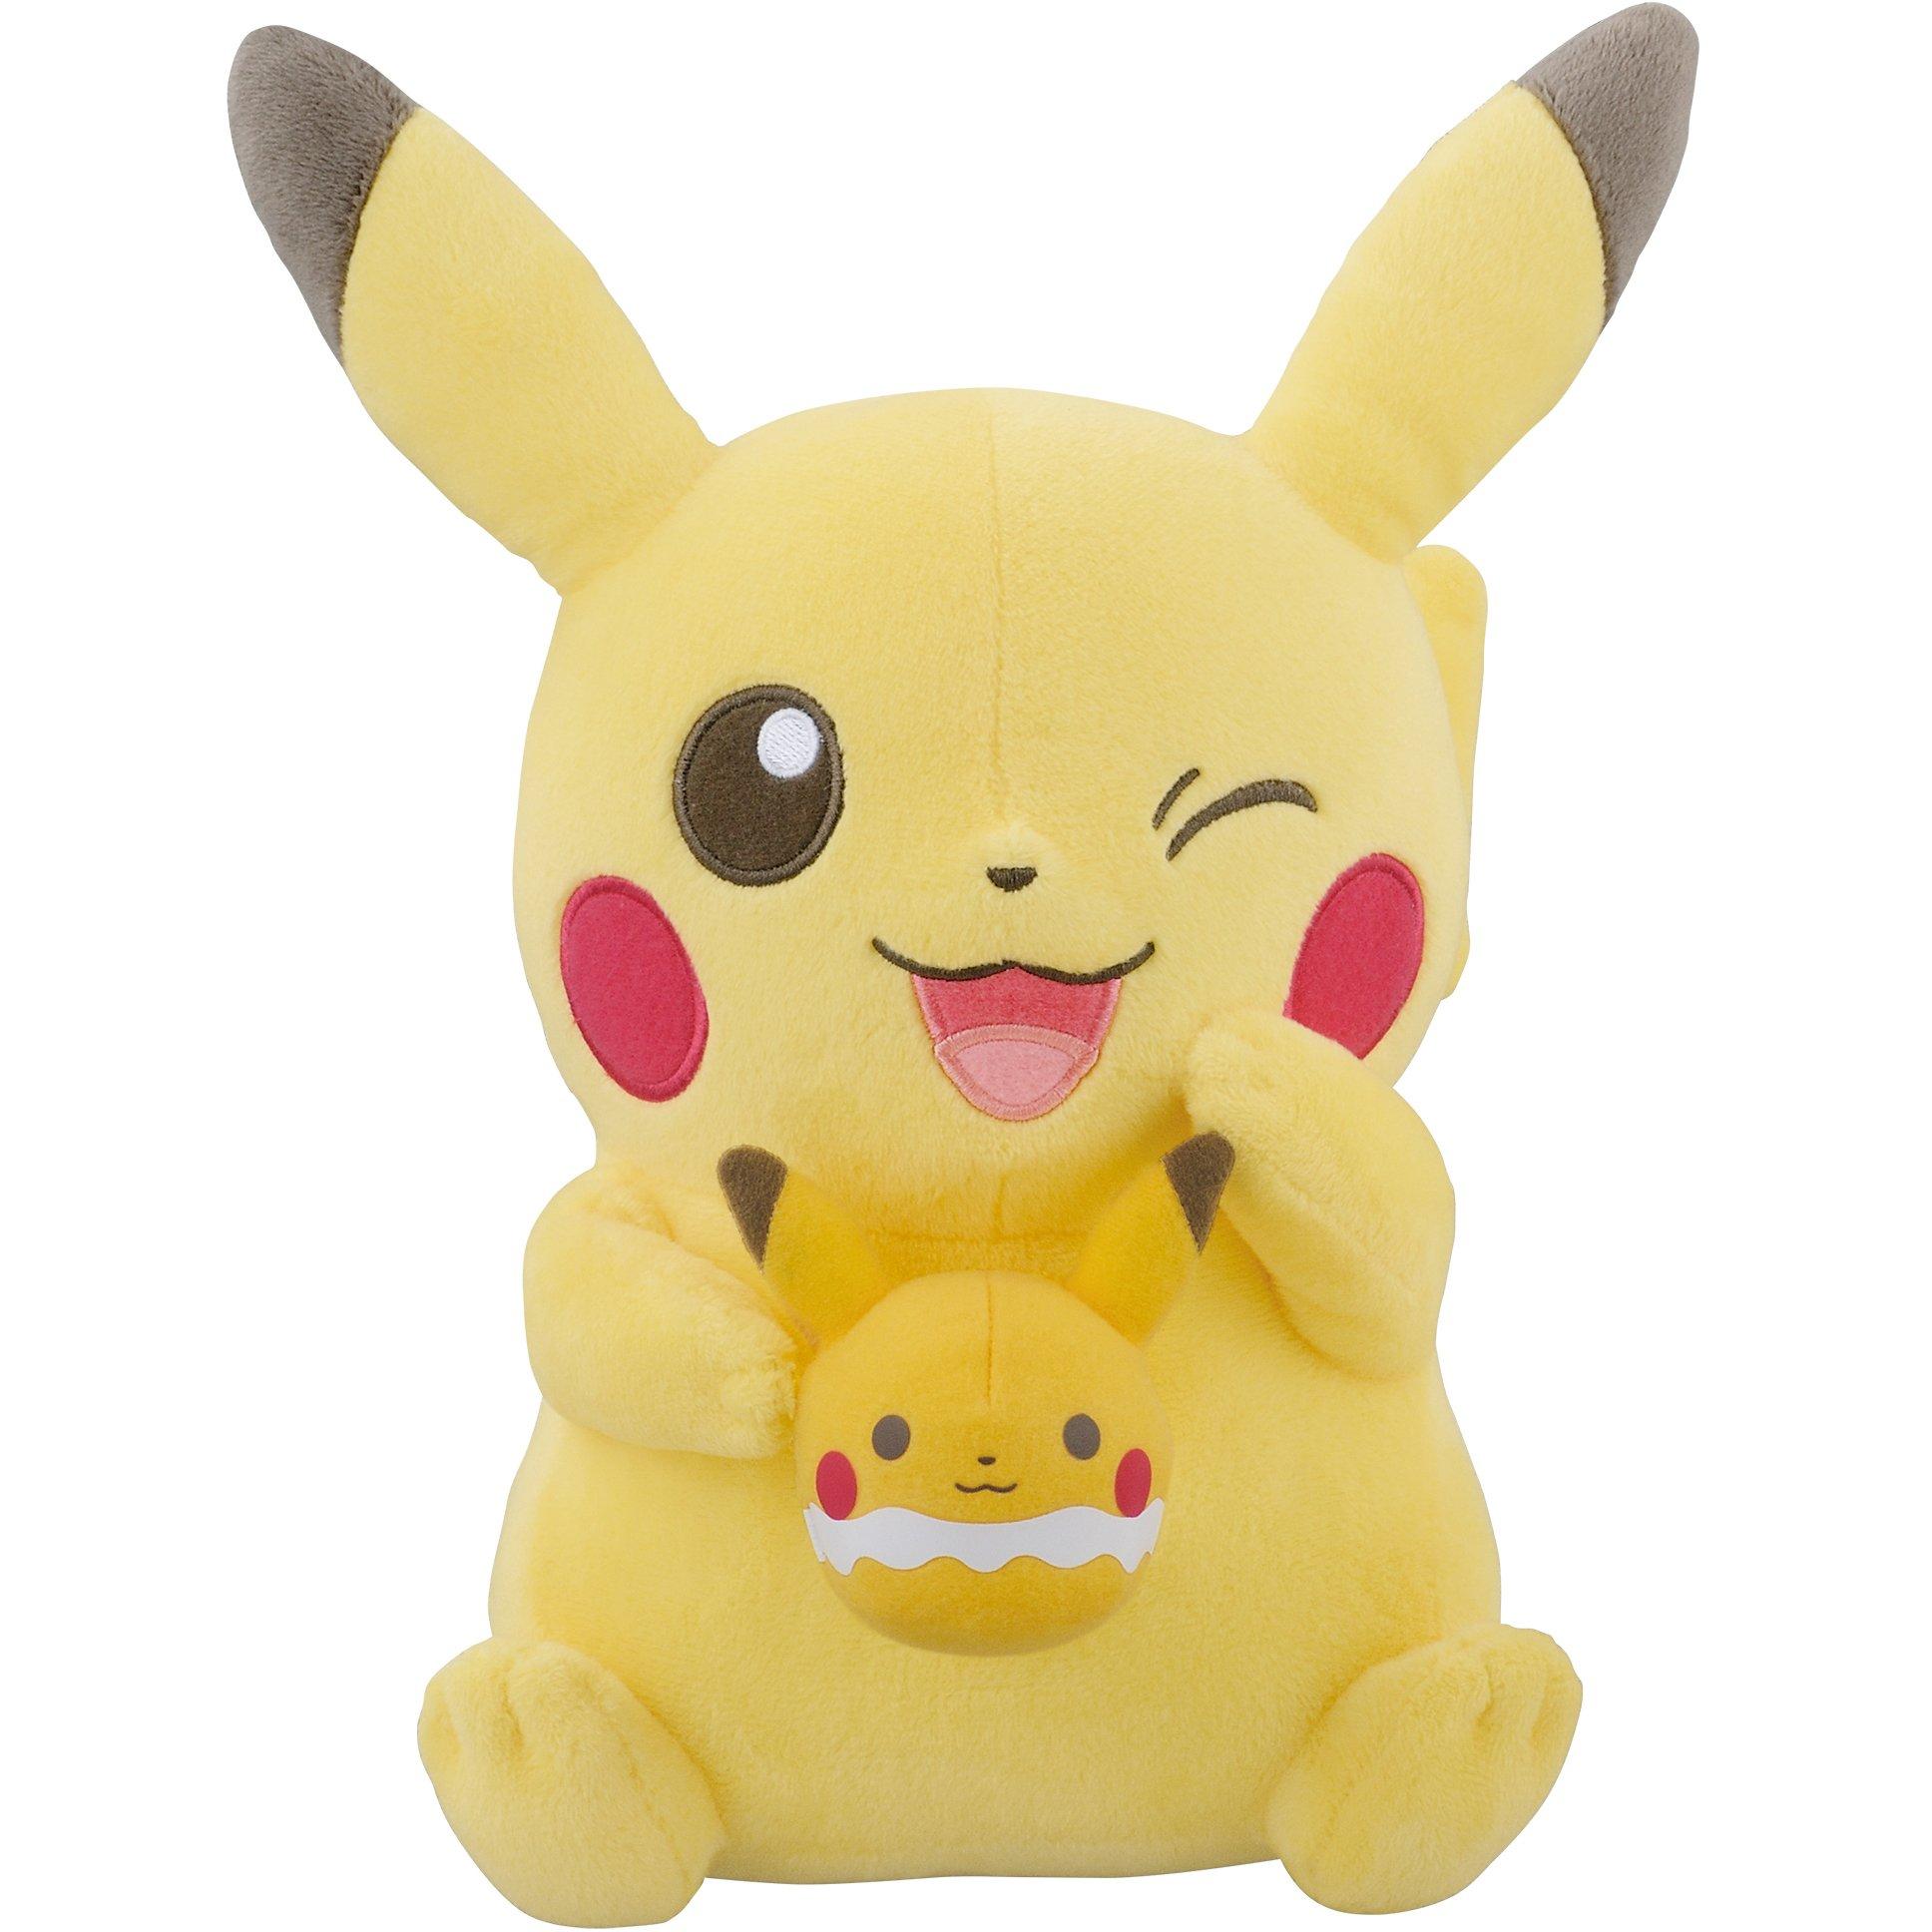 Banpresto Pikachu [Holding a Pikachu Tea Cup]: ~9'' Pokemon x Pokemon Tea Party Plush + 1 Free Pokemon Trading Card Bundle (37074) by Banpresto